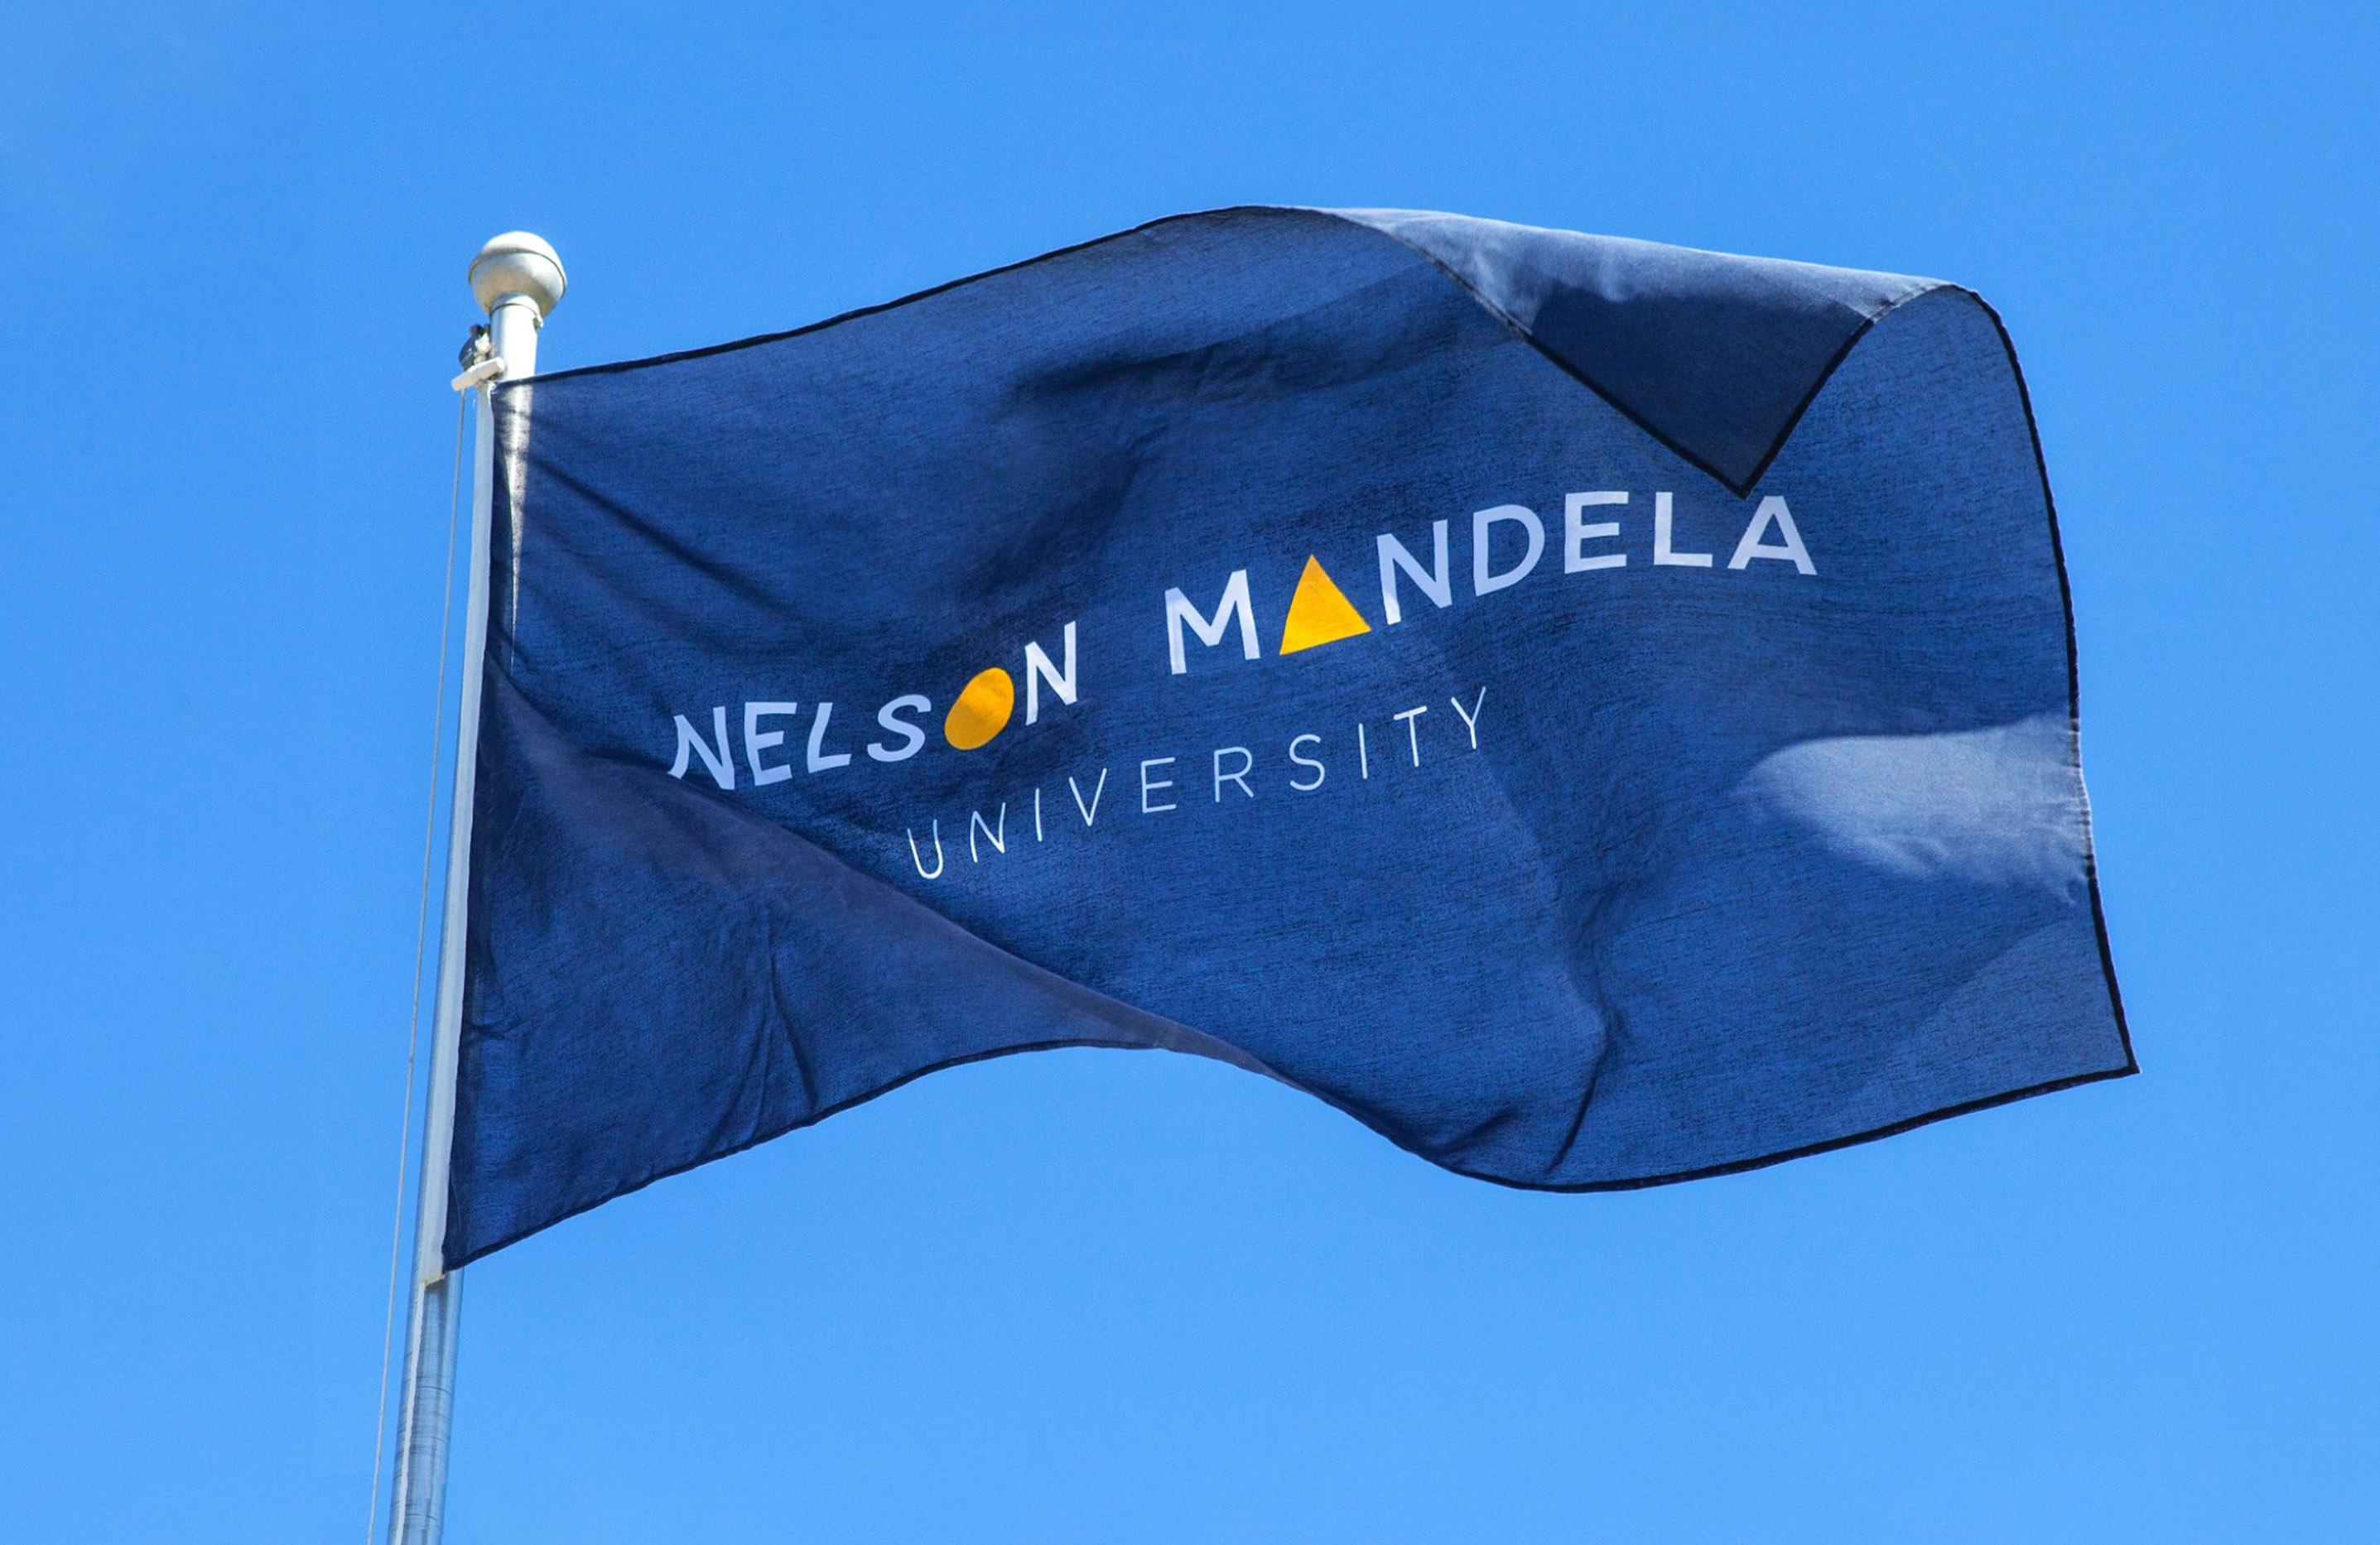 Nelson Mandela University Flag